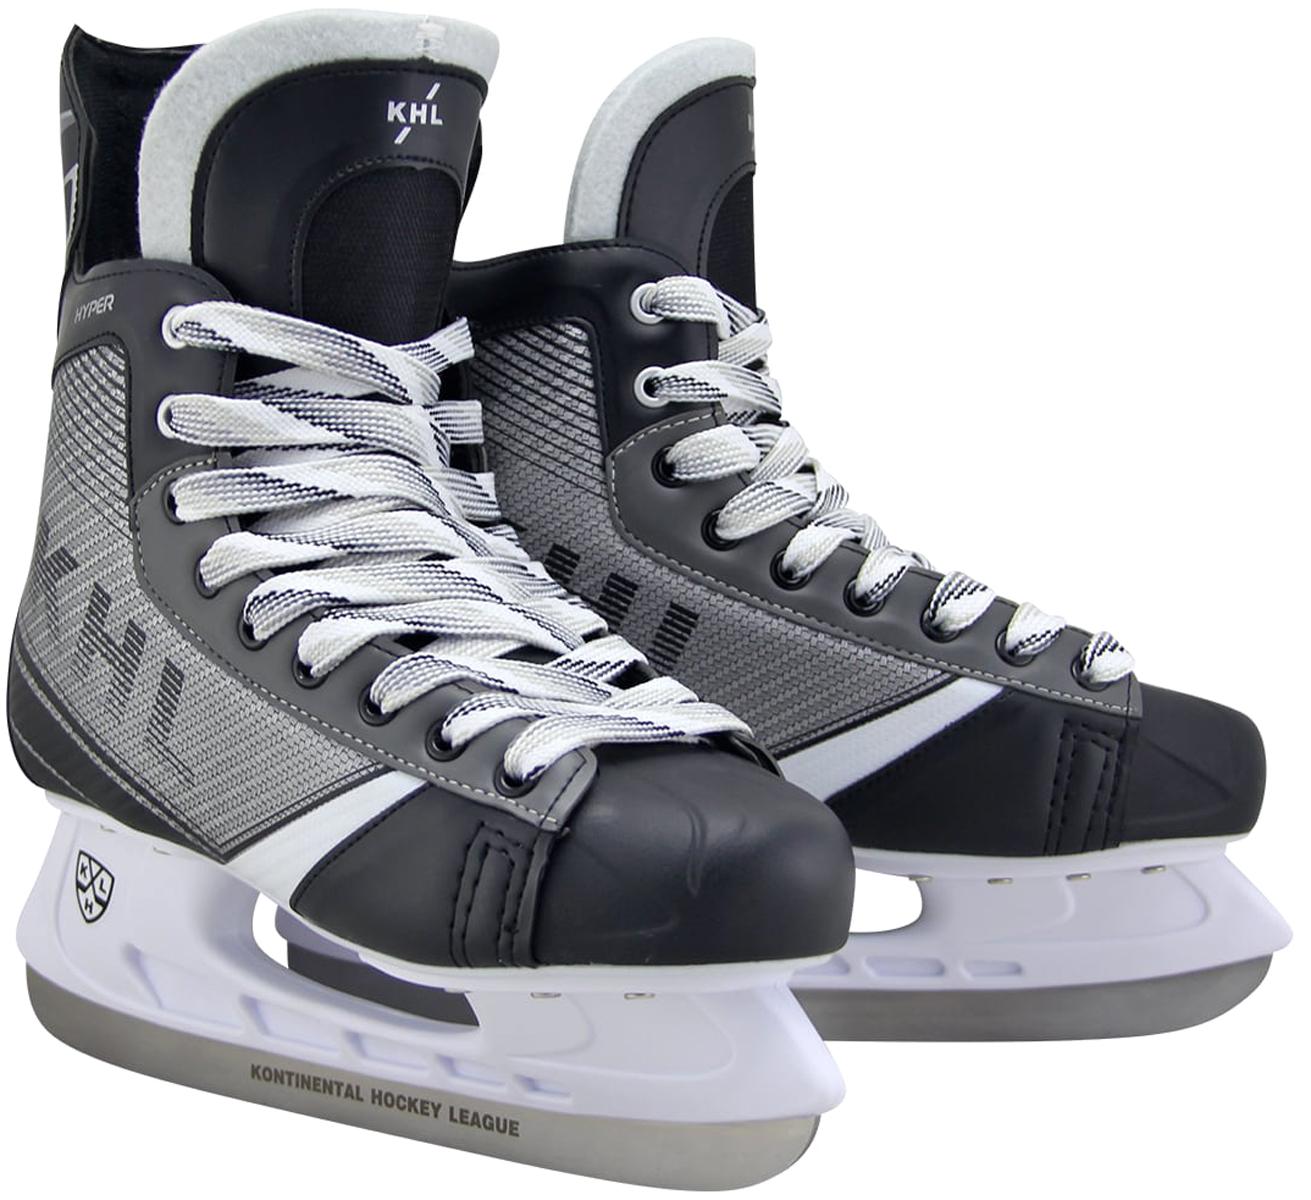 Коньки хоккейные мужские KHL Hyper, цвет: серый, черный, белый. Размер 42УТ-00010445Хоккейные коньки KHL Hyper являются официальной лицензионной продукцией Континентальной Хоккейной Лиги (КХЛ). Это прекрасная любительская модель коньков с уникальным стильным ассиметричным дизайном, выполненным в новой стилистической концепции КХЛ. Модель выполнена из износостойких материалов, устойчивых к порезам. Усиленная жесткость ботинка для более уверенного катания. Дополнительные вставки из EVA и MEMORY foam обеспечат комфорт. Лезвие выполнено из высокоуглеродистой стали с покрытием из никеля. Шнуровка надежно зафиксирует модель на ноге.Коньки подходят для использования на открытом и закрытом льду.